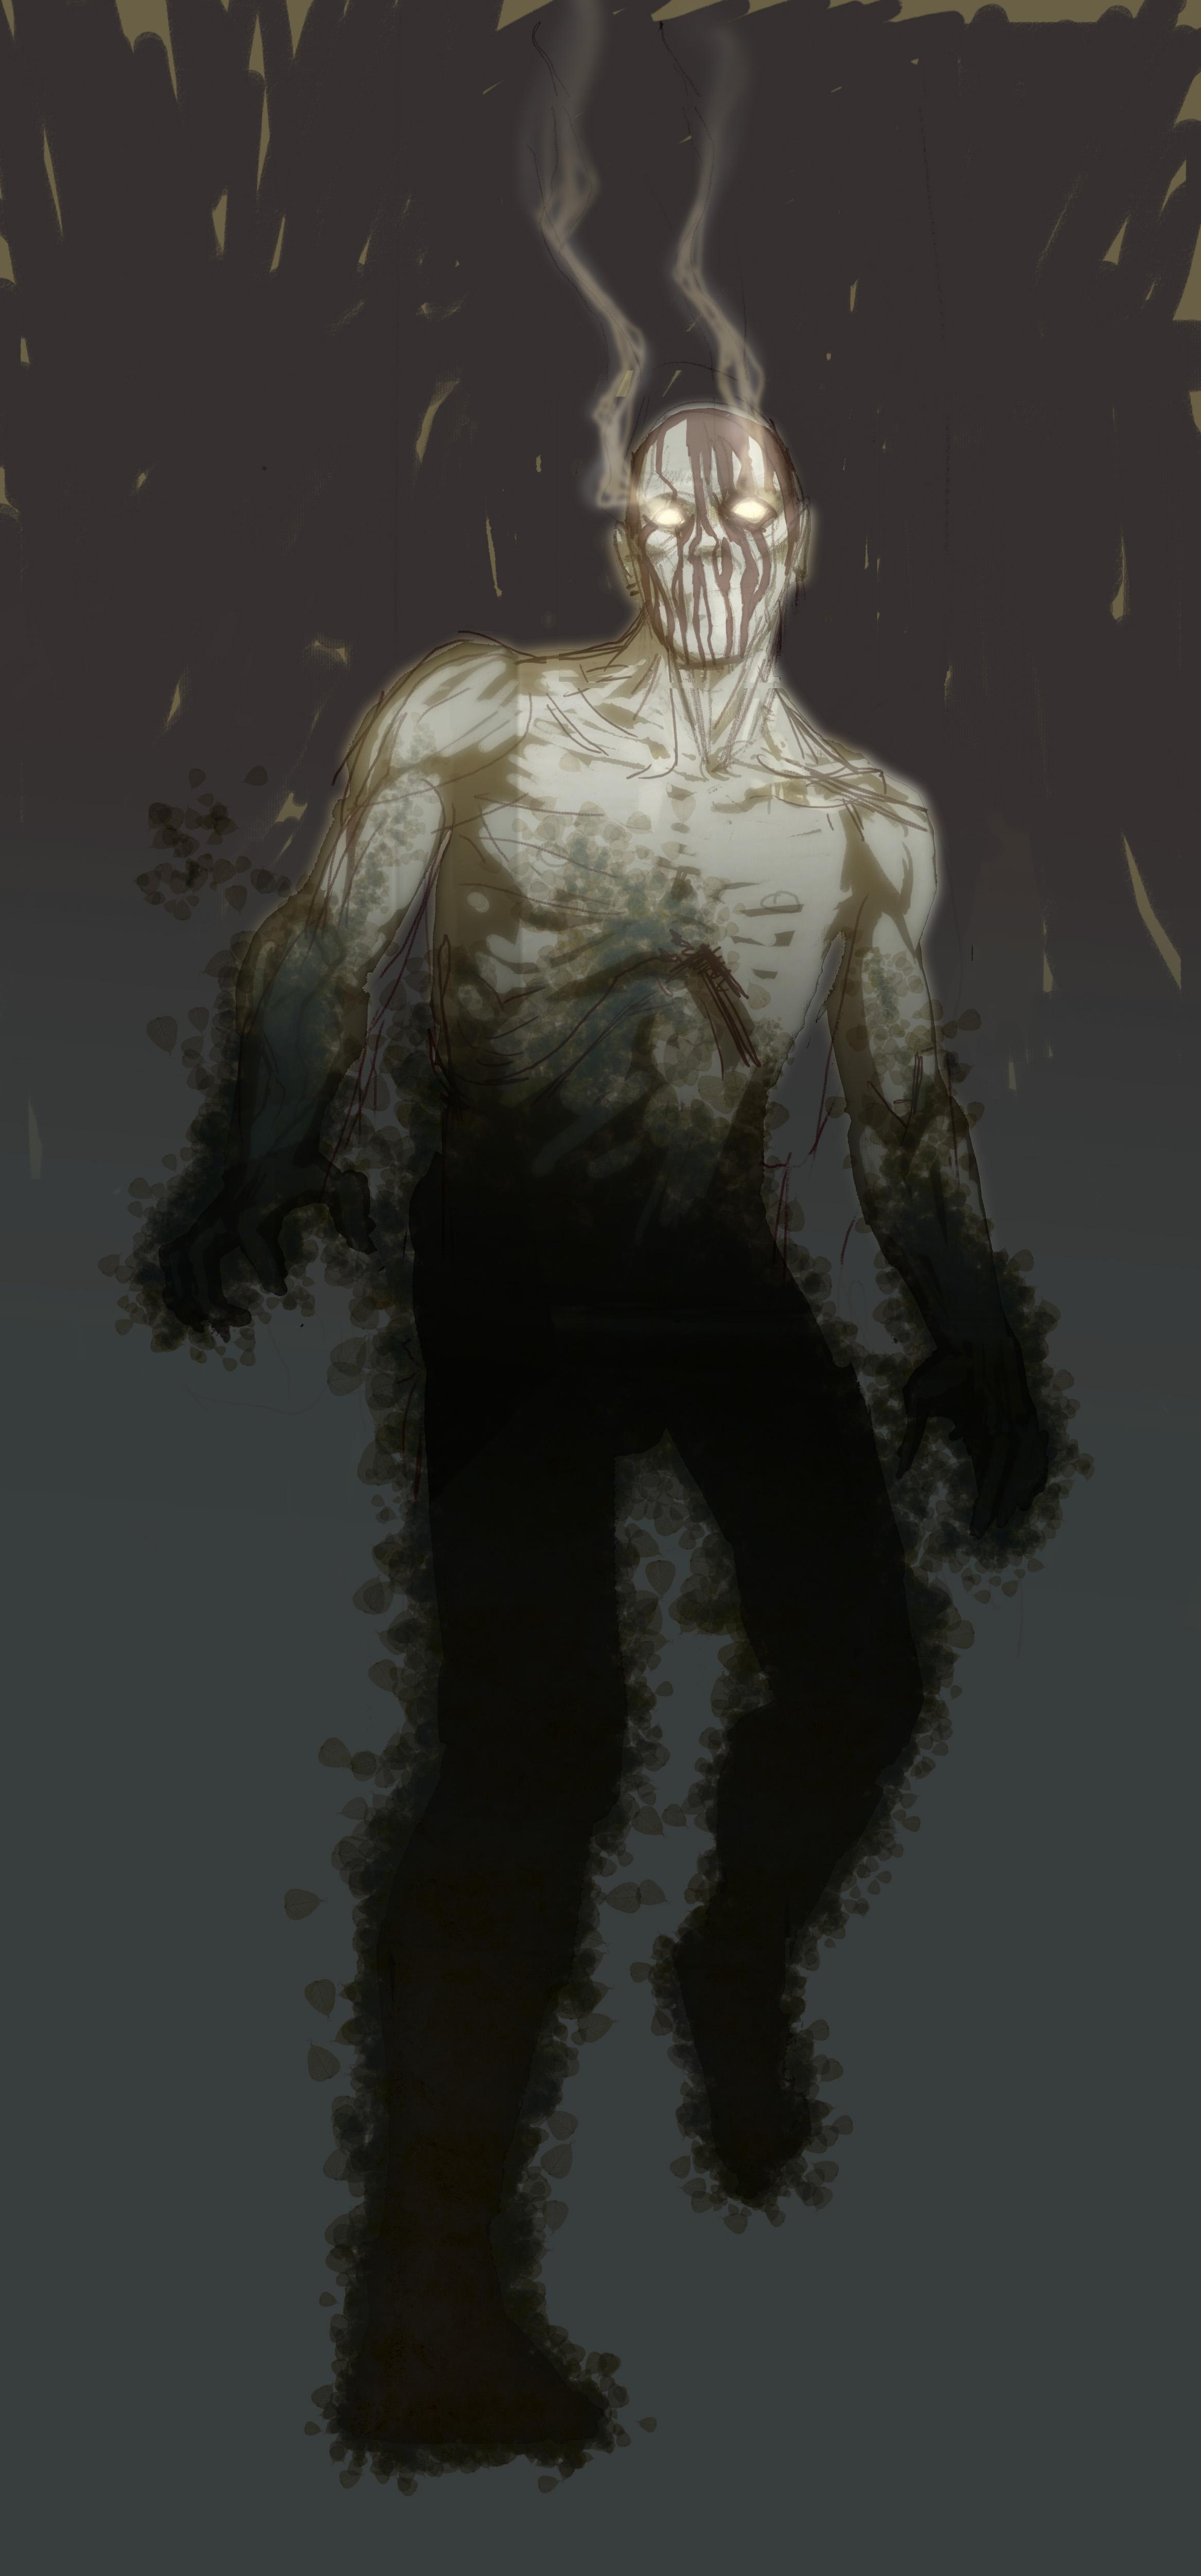 Ghost05.jpg